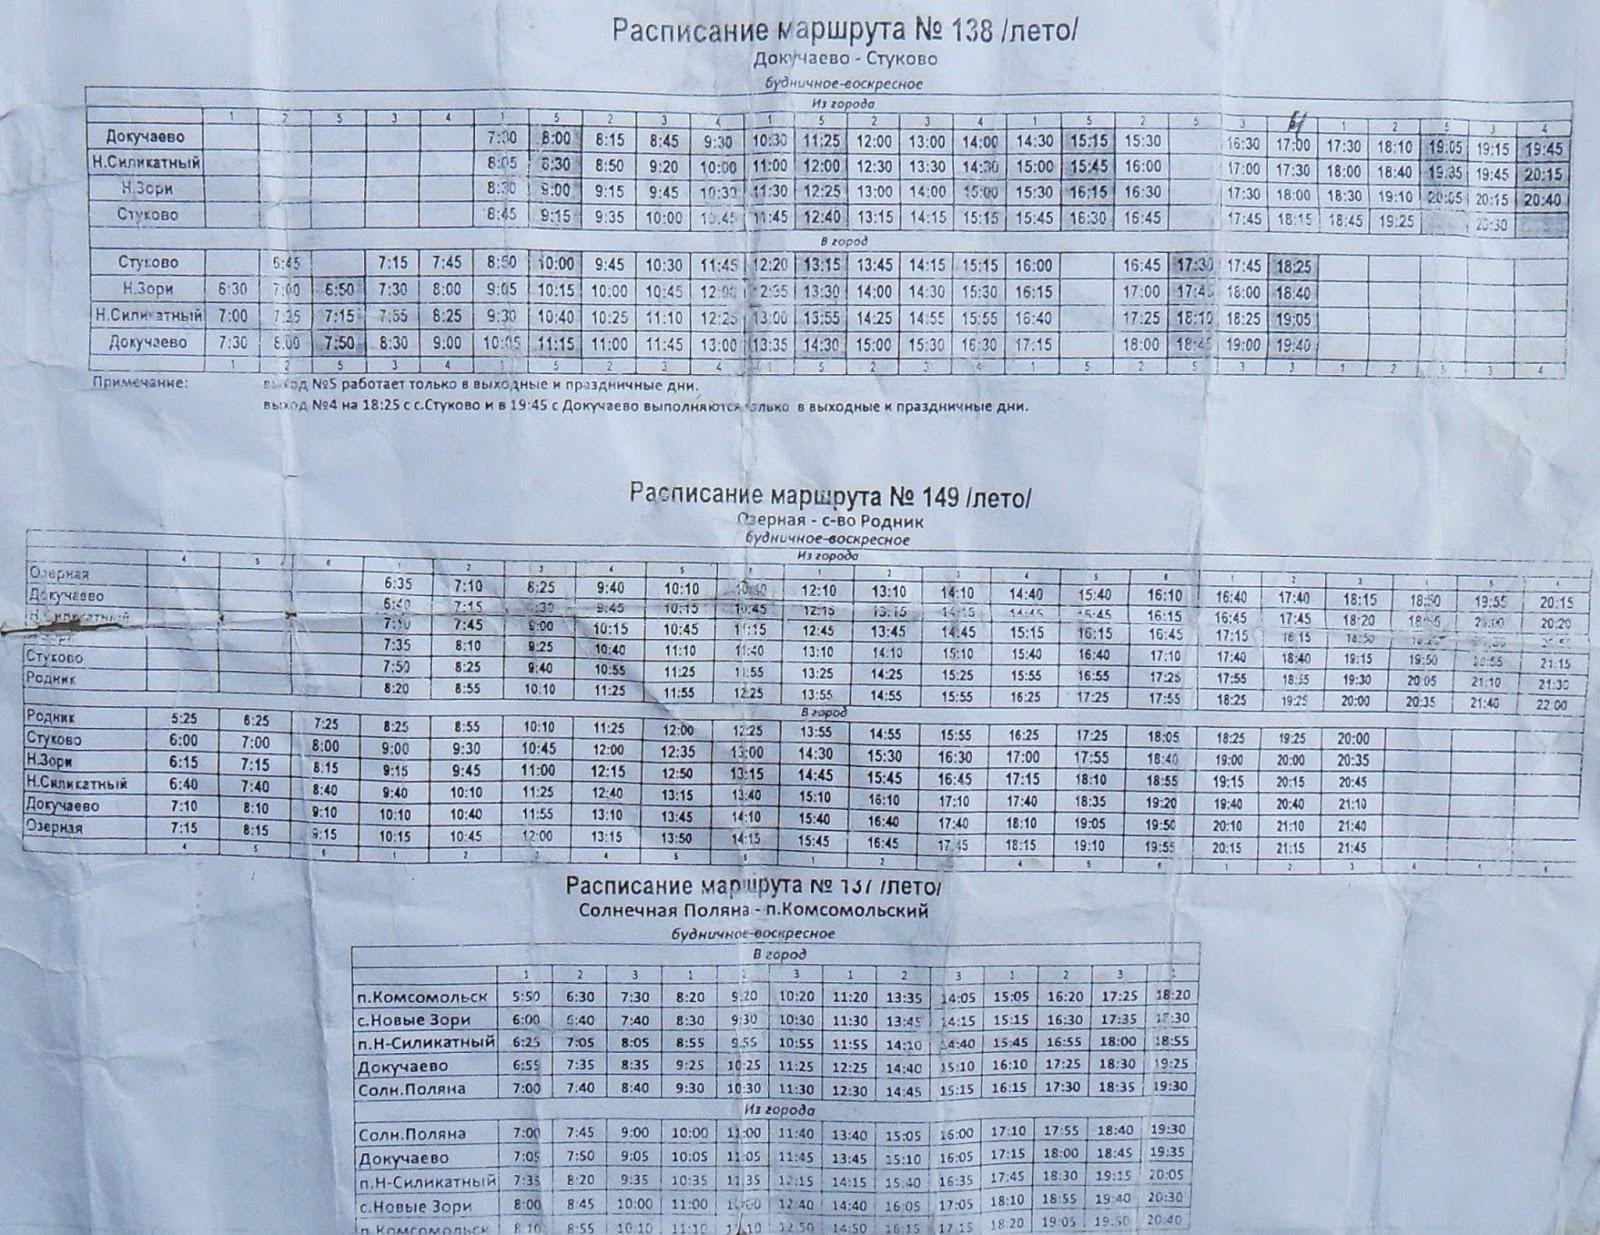 Расписание пригородных автобусов г. Барнаула маршрут 138, 149, 137 на лето 2014 г.